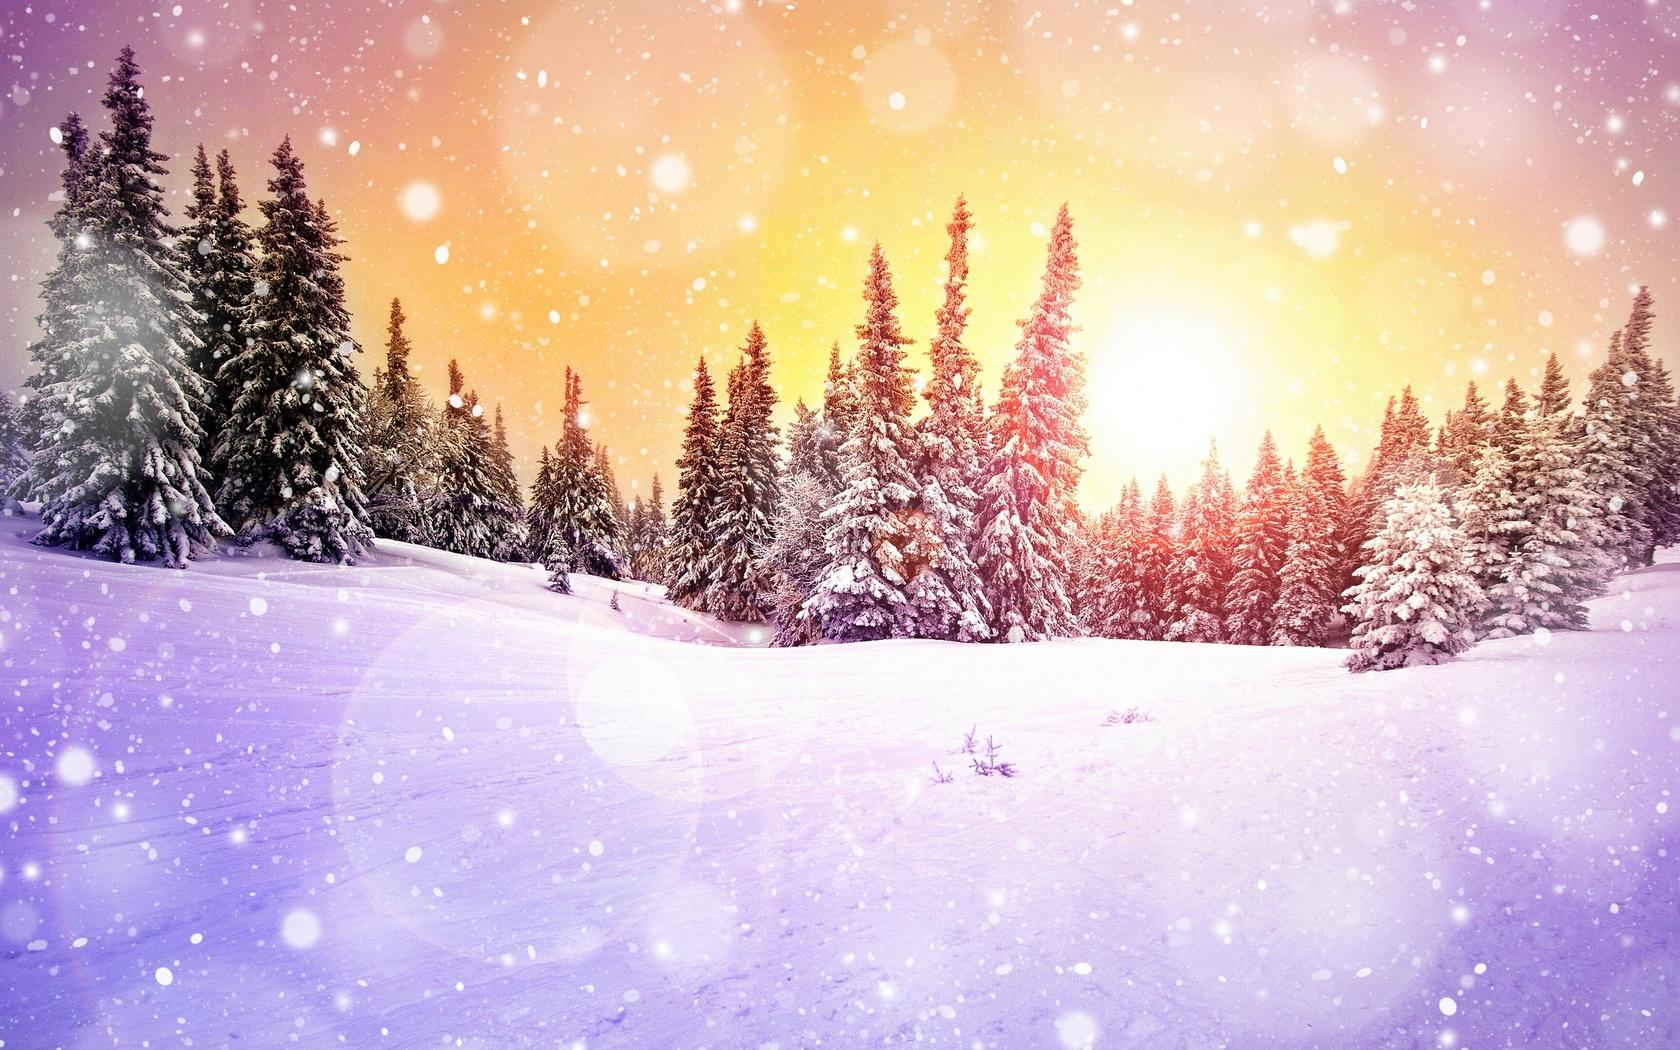 природа, пейзаж, зима, снег, деревья, ели, снегопад, боке